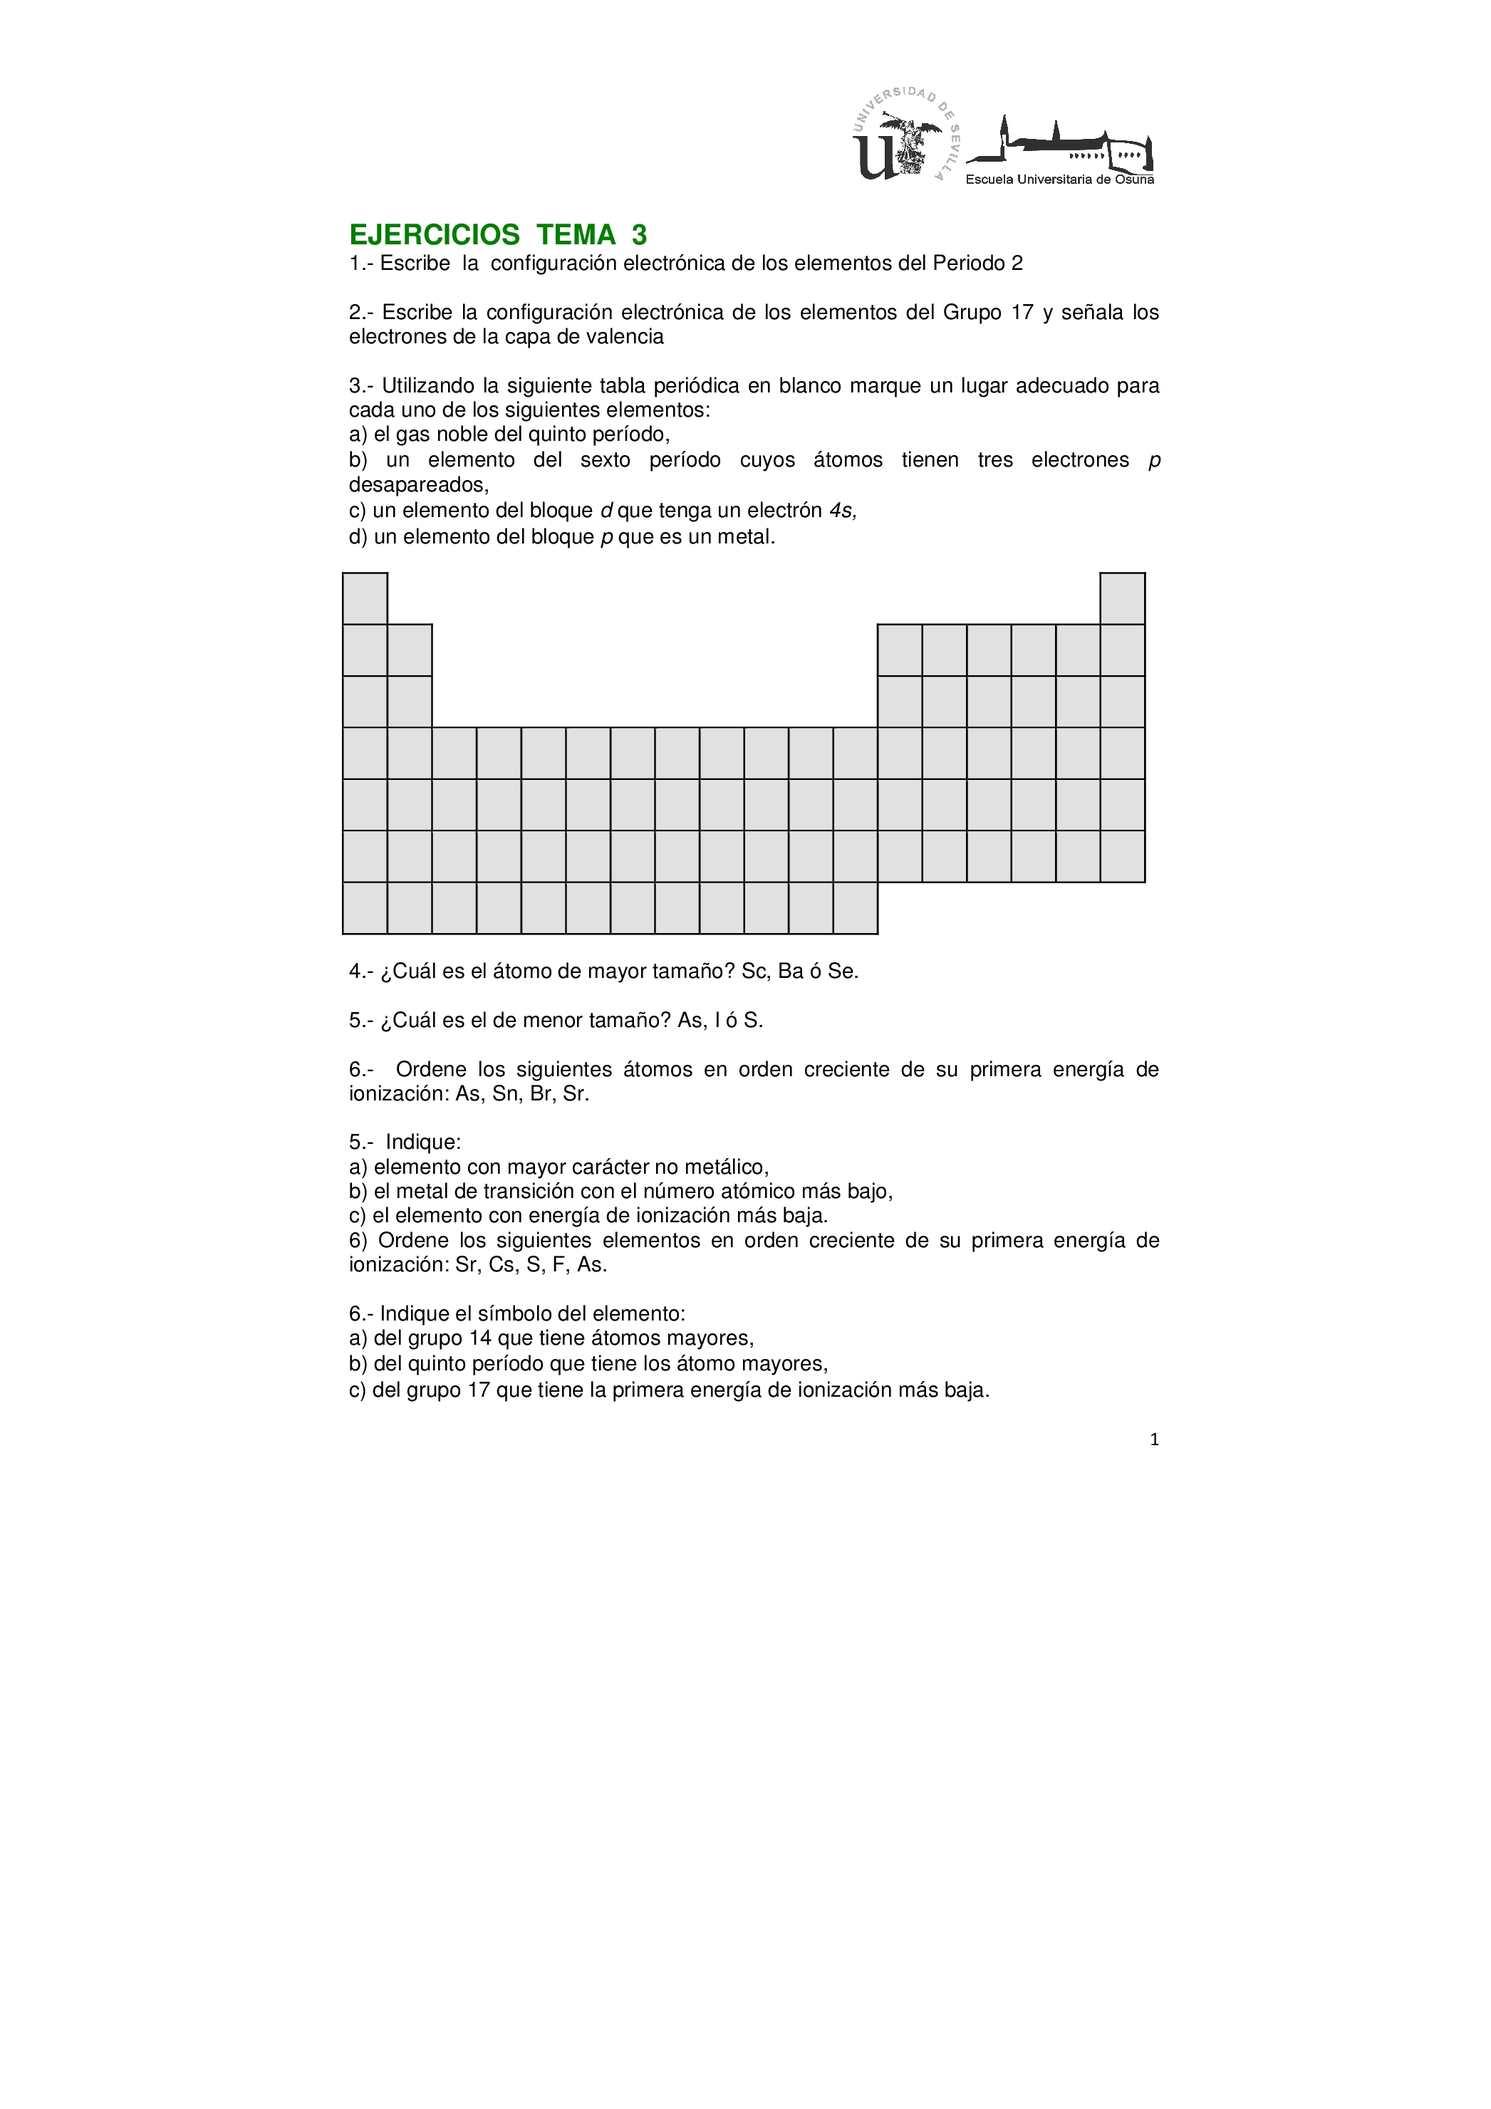 Calamo ejercicios tema 3 13 14 quimica urtaz Images